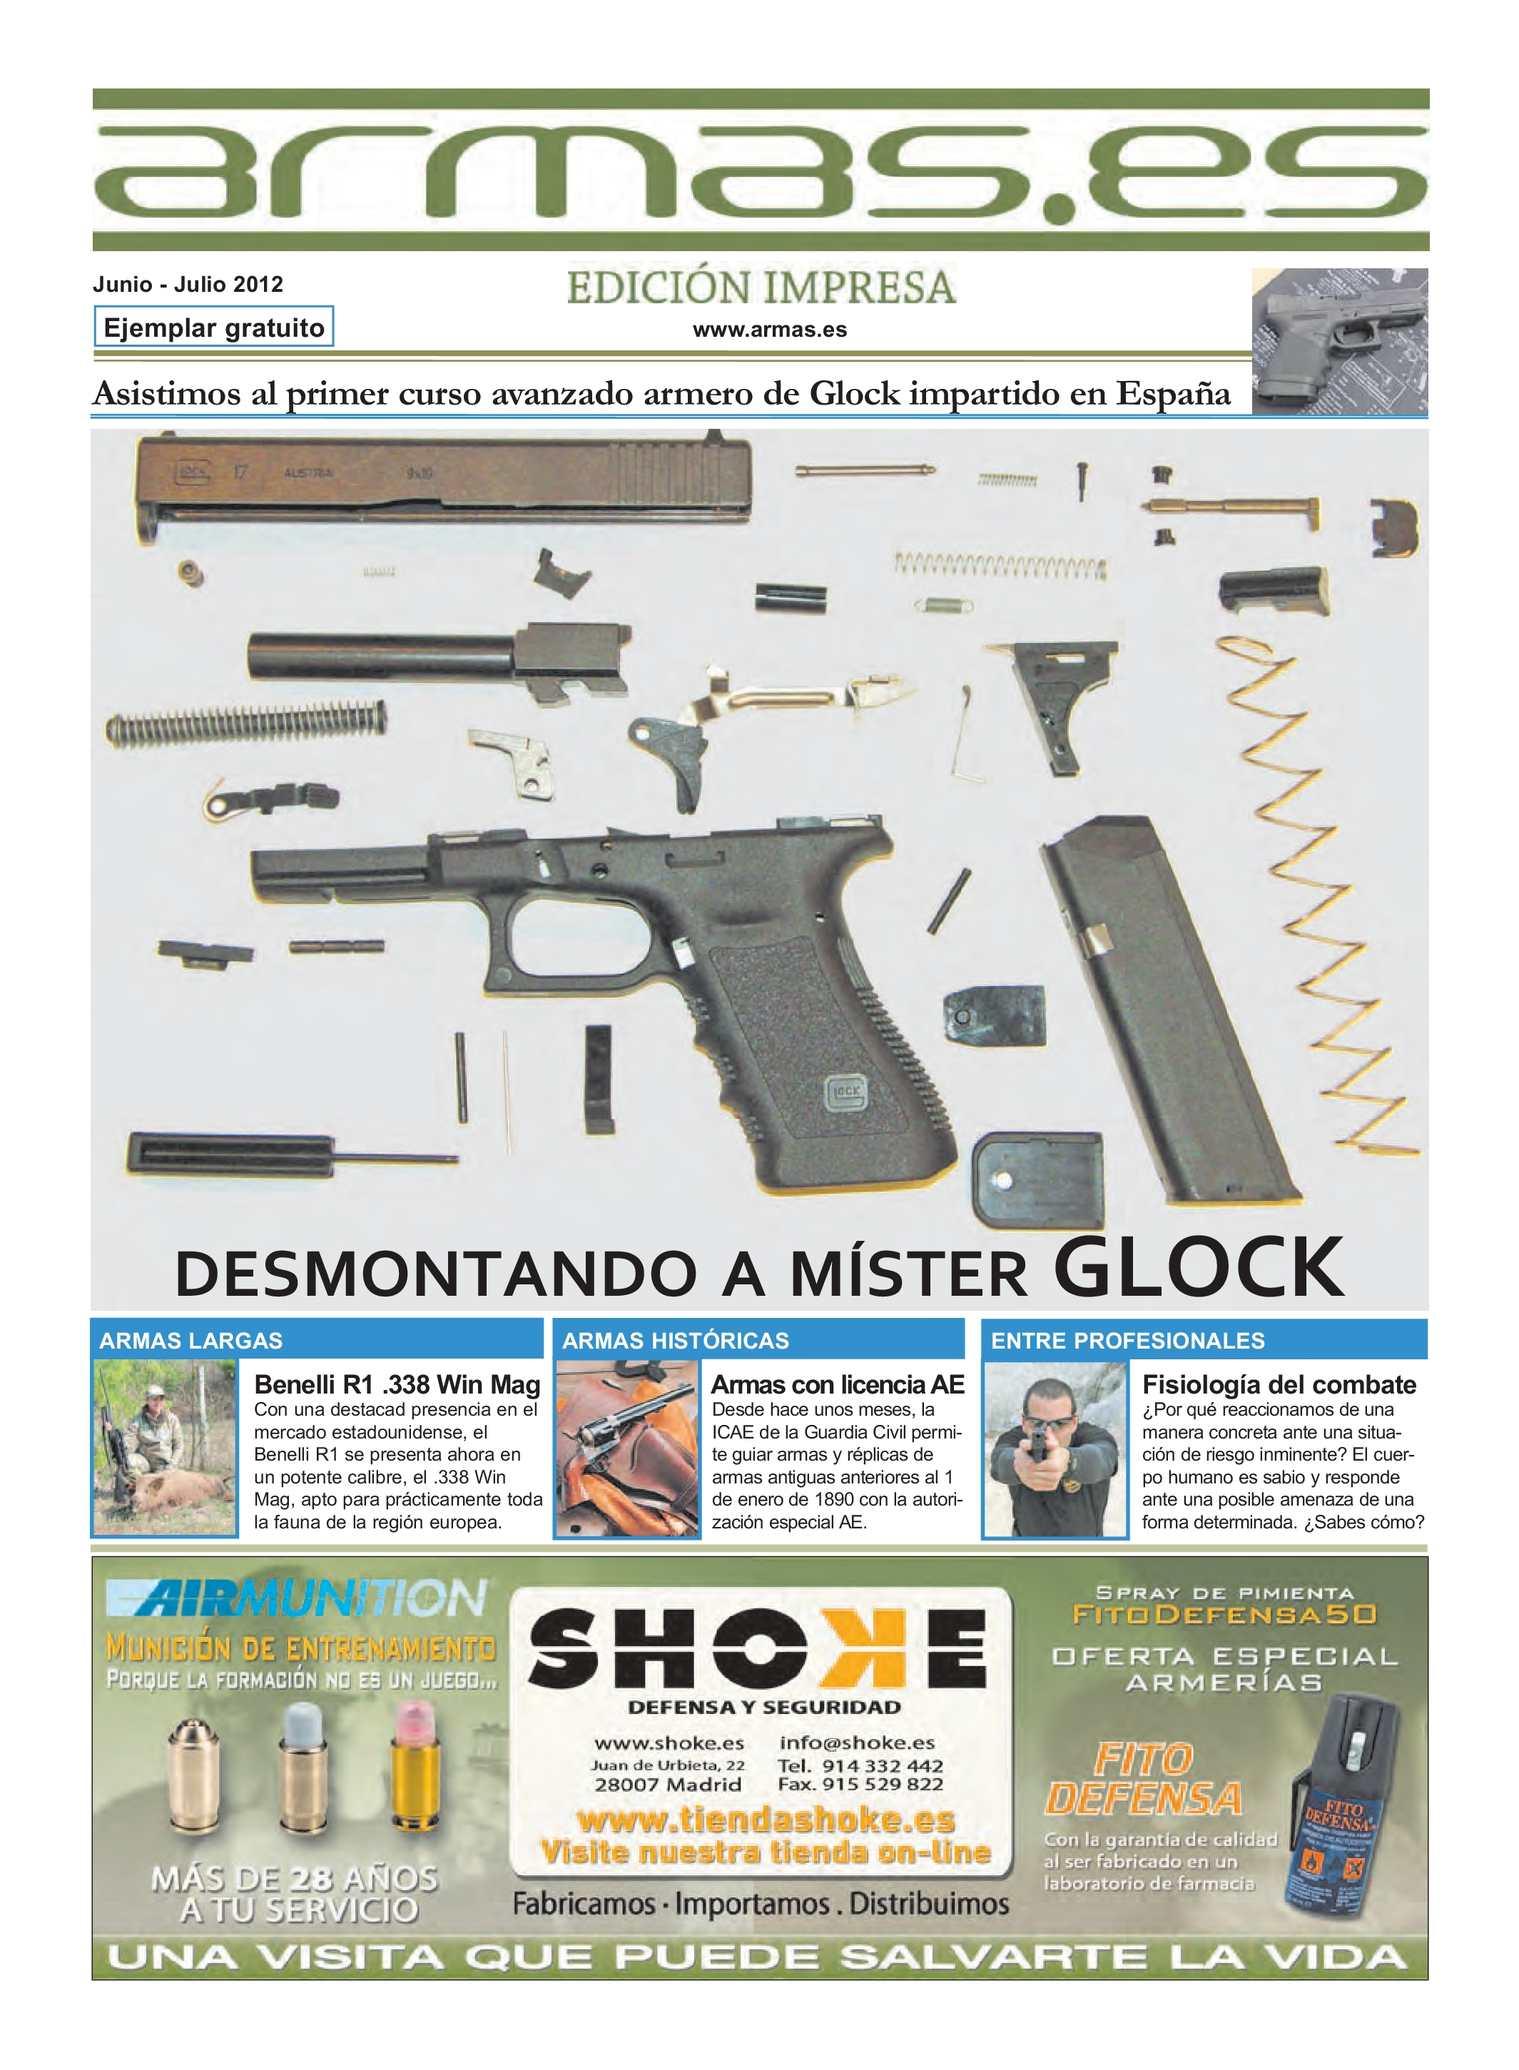 Calaméo - Periódico Armas.es Edición Impresa. Número 42. Junio ...